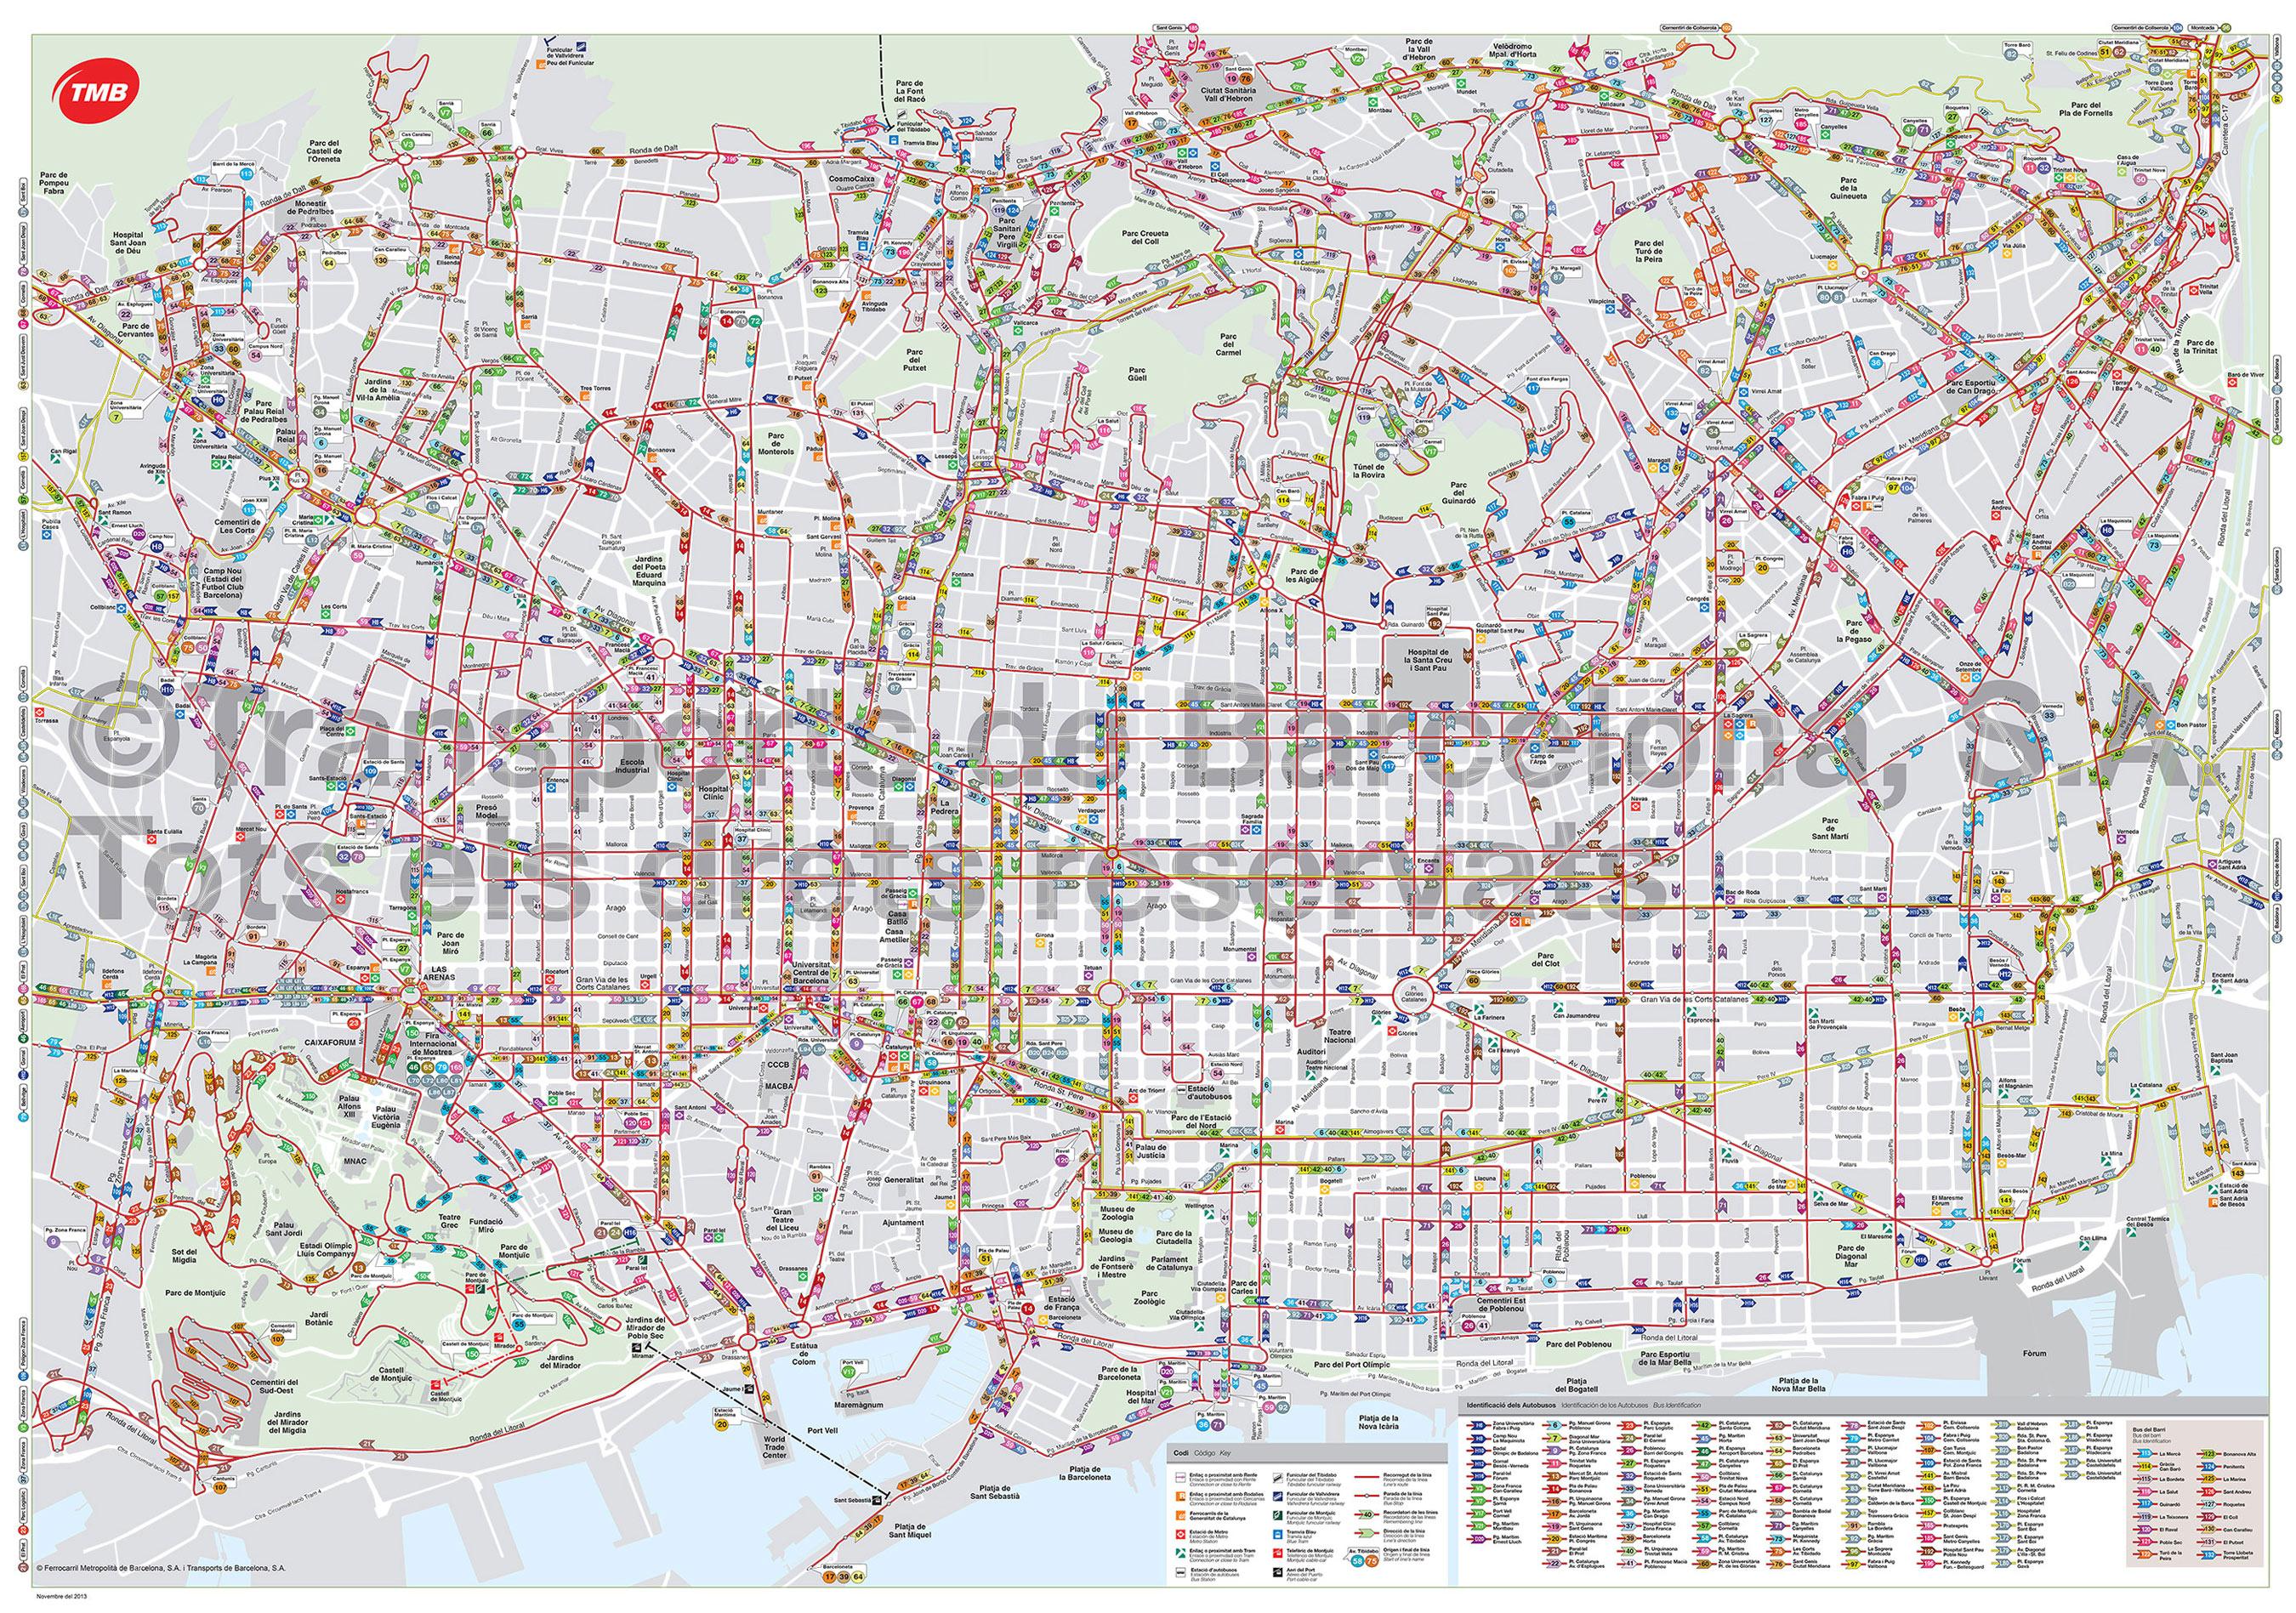 Cartina Metro Barcellona.Mappa E Cartina Del Autobus E Nitbus Di Barcellona Stazioni E Linee